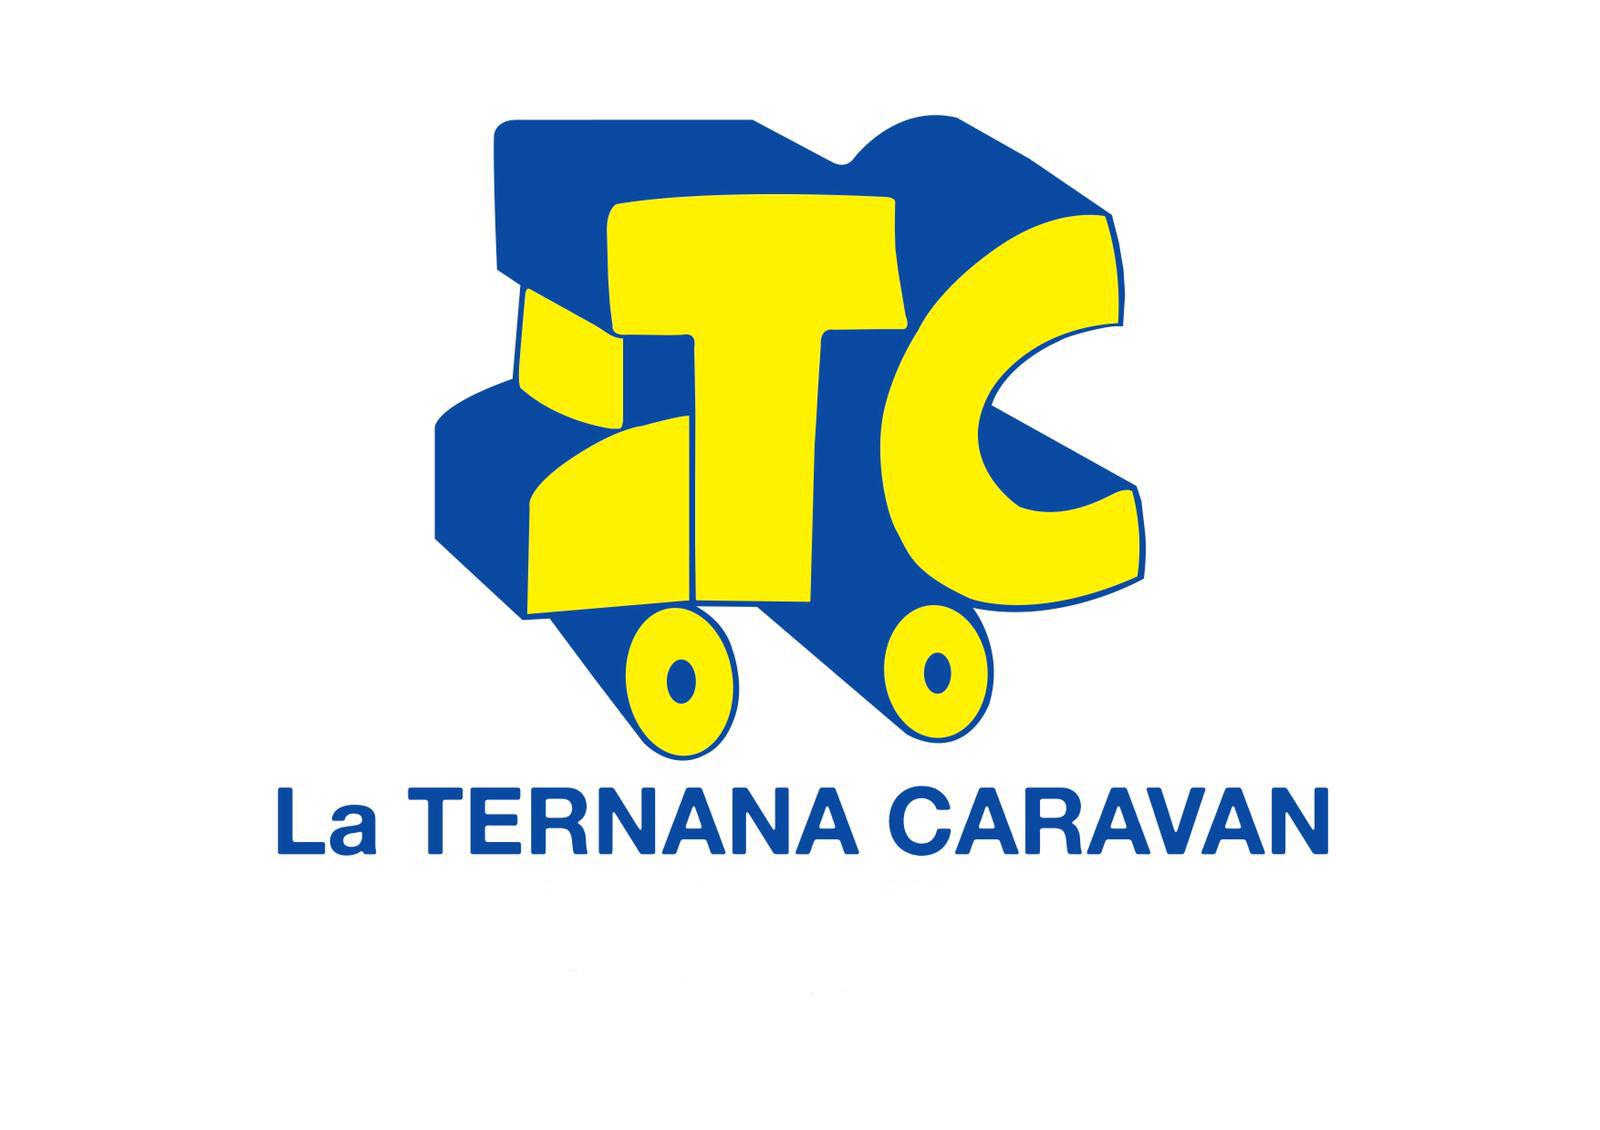 La Ternana Caravan